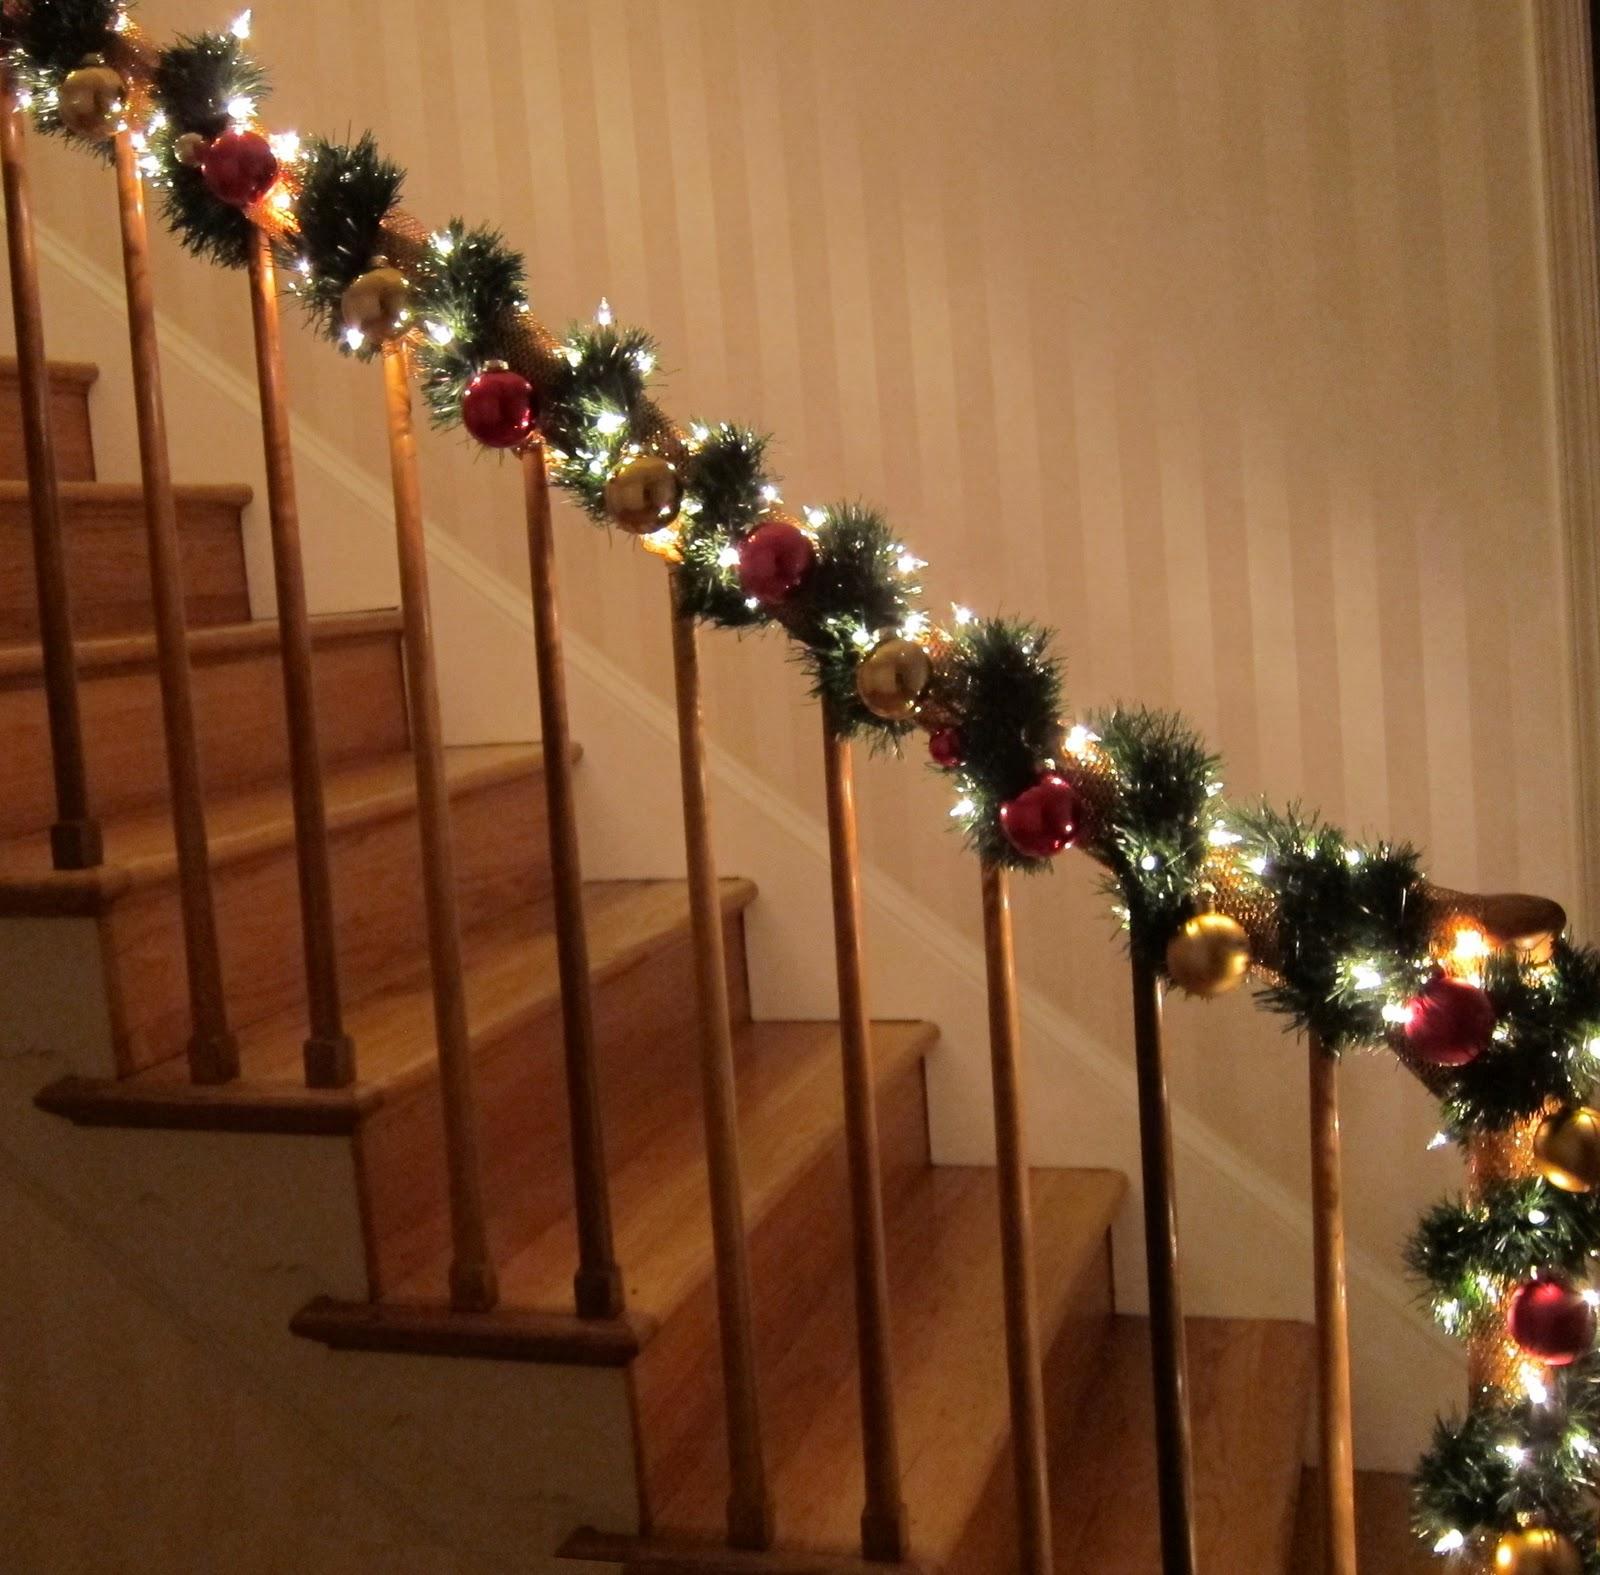 Pattys Collection: Christmas Banister